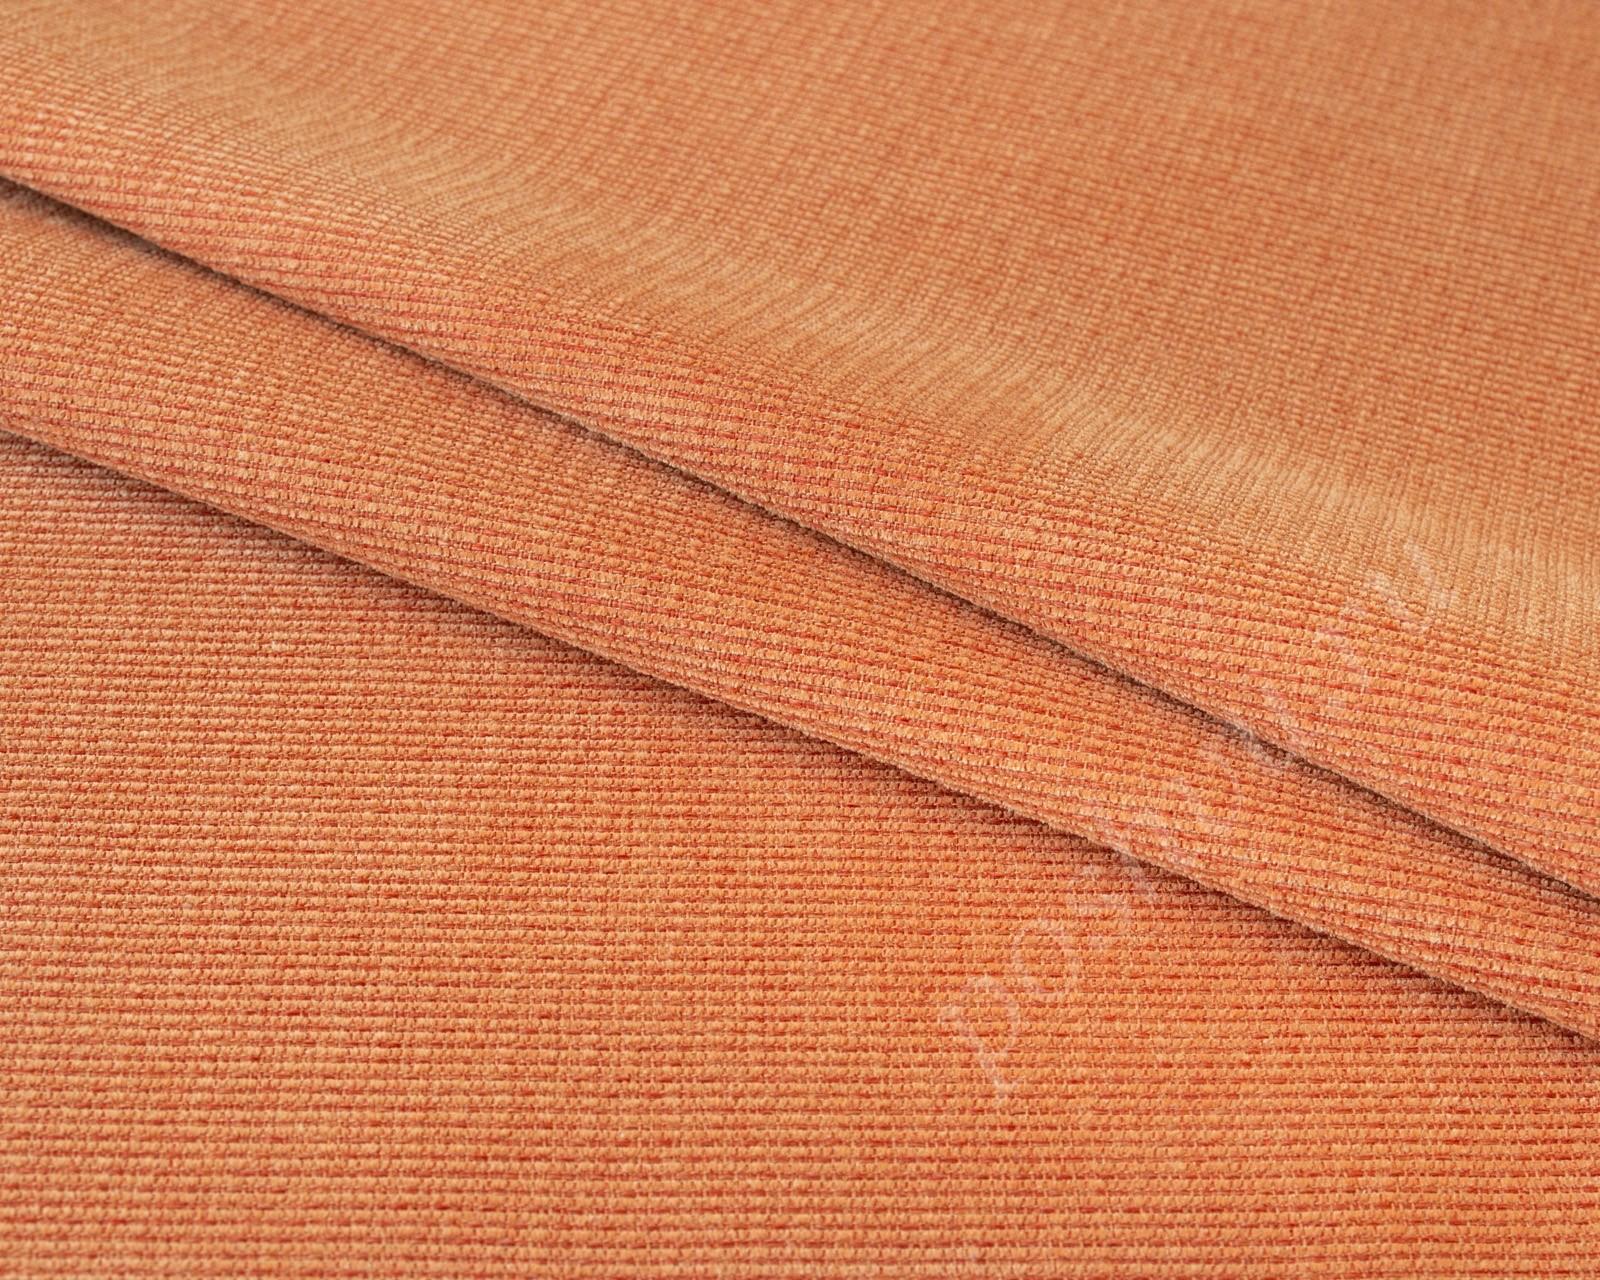 Ткани для обивки диванов купить челябинск мебельные ткани йошкар ола купить